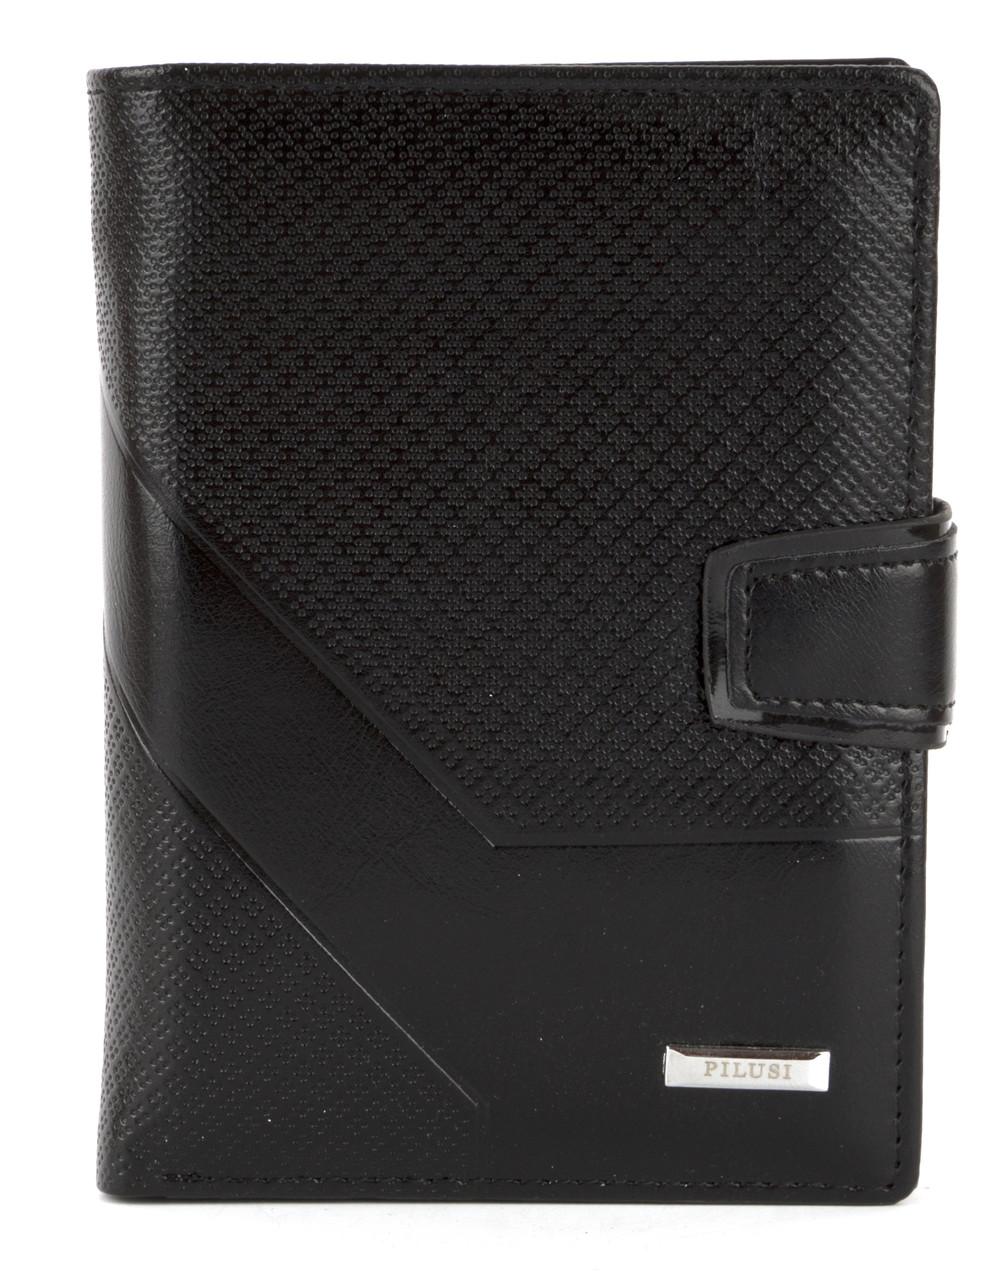 Мужской прочный кошелек из эко кожи PILUSI art.302B-36 черный